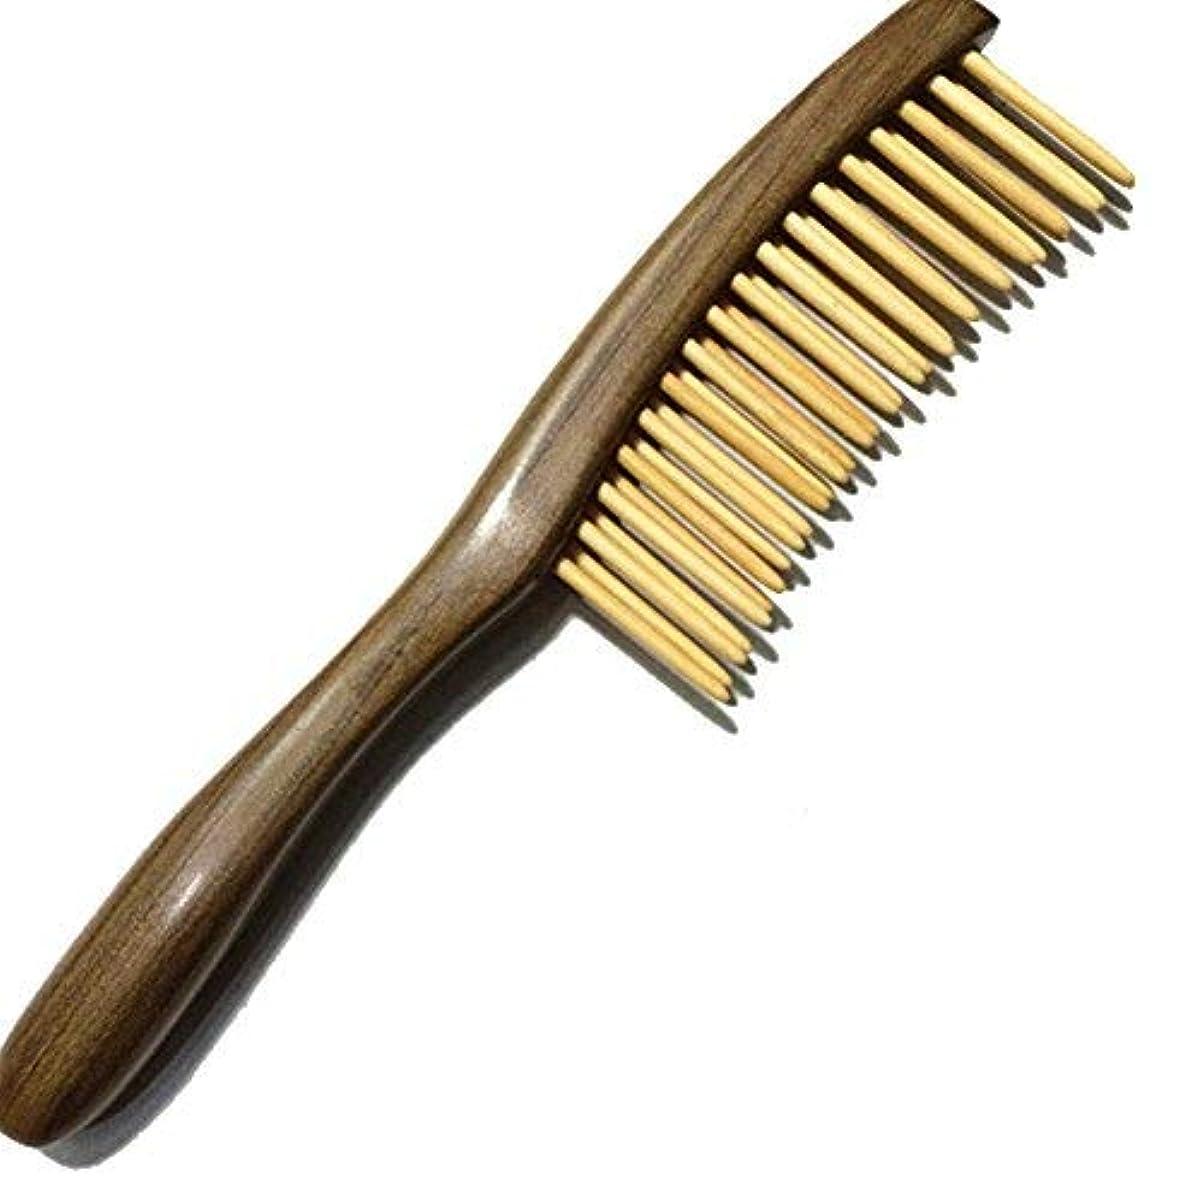 地獄トムオードリース談話Fitlyiee Double Rows Teeth Sandalwood Hair Comb Anti-Static Handmade Wide Tooth Wooden Comb [並行輸入品]